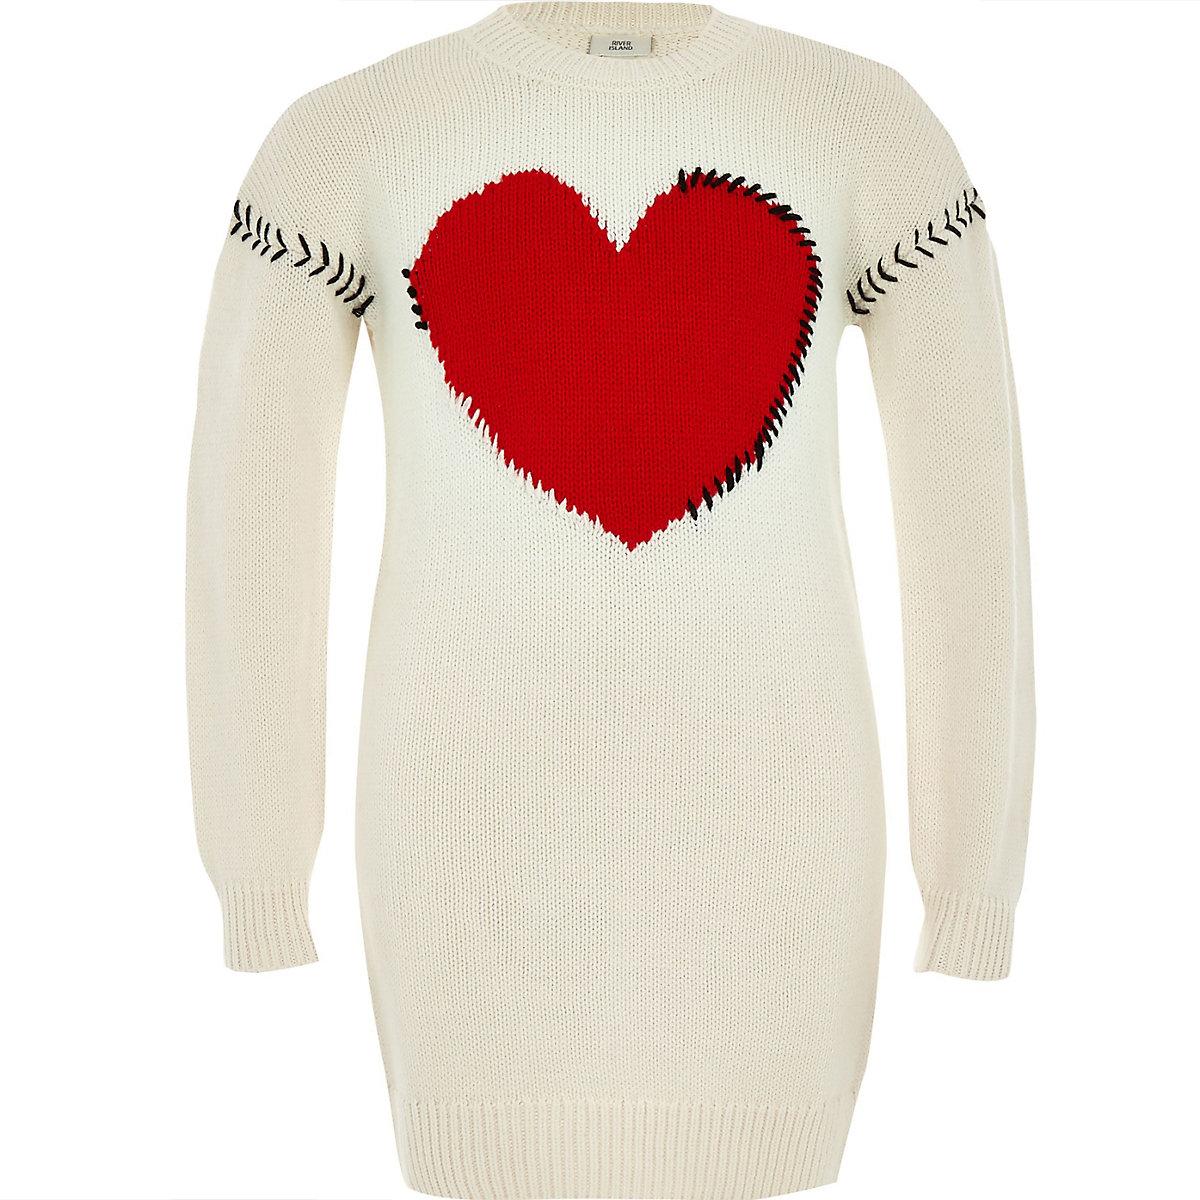 Girls cream knit heart sweater dress